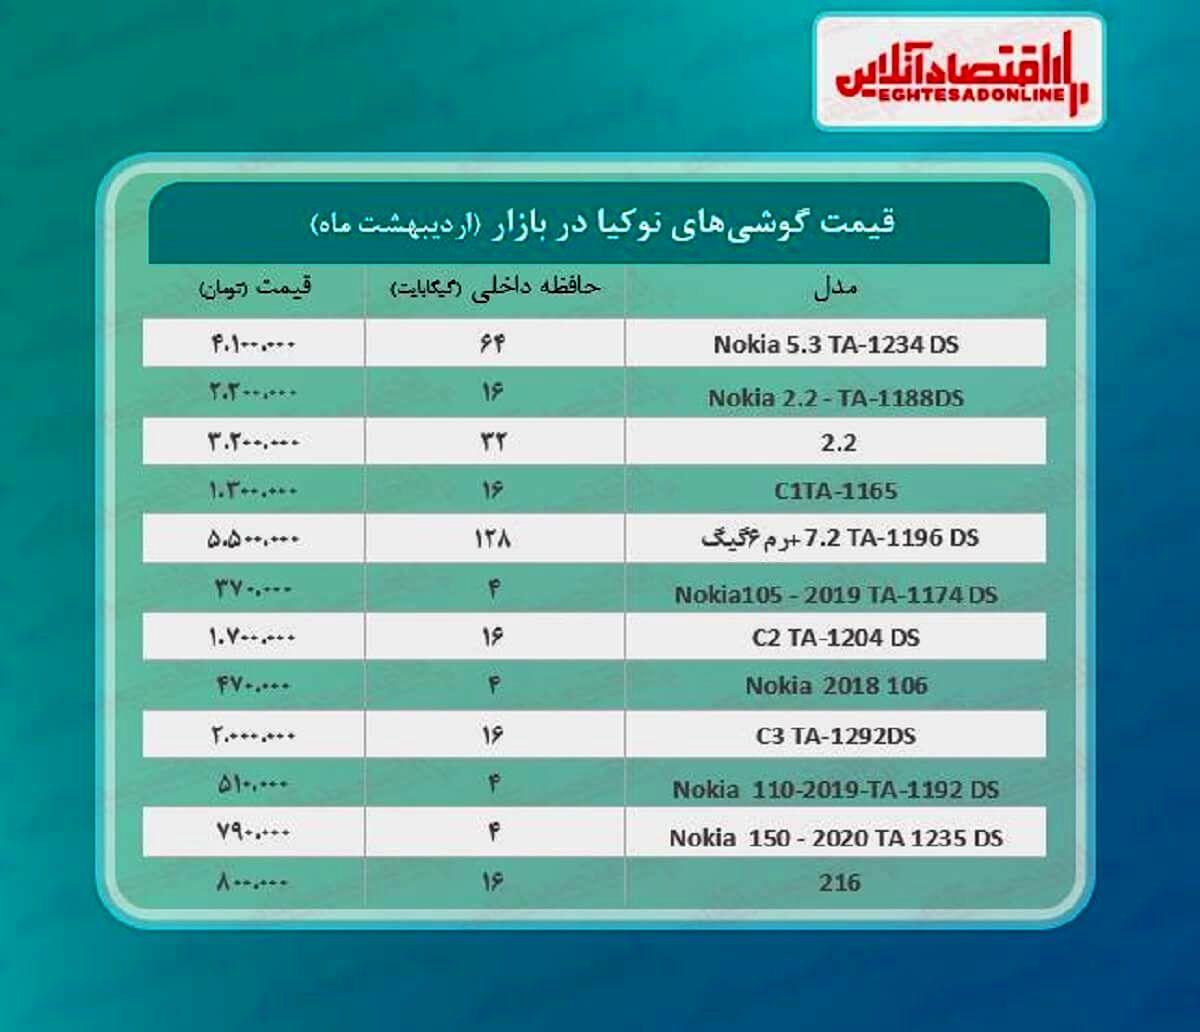 قیمت گوشی نوکیا در بازار / ۲۳اردیبهشت